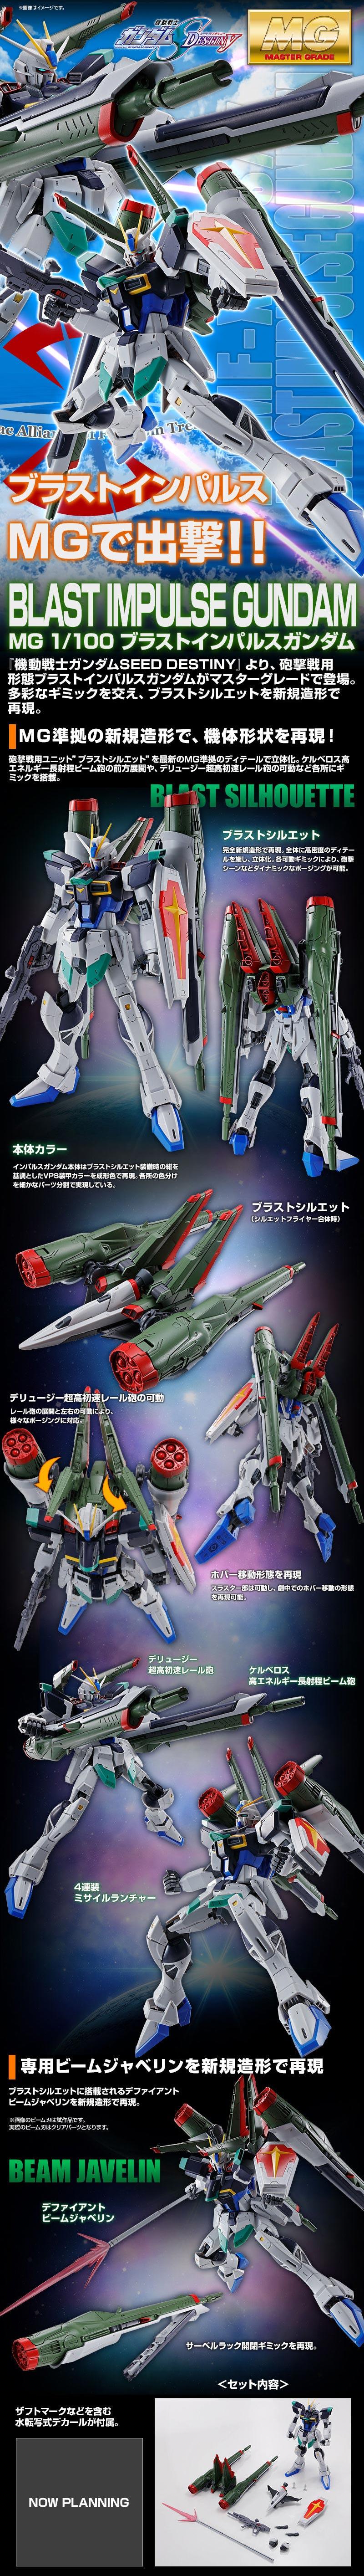 MG ZGMF-X56S Blast Impulse Gundam Desc